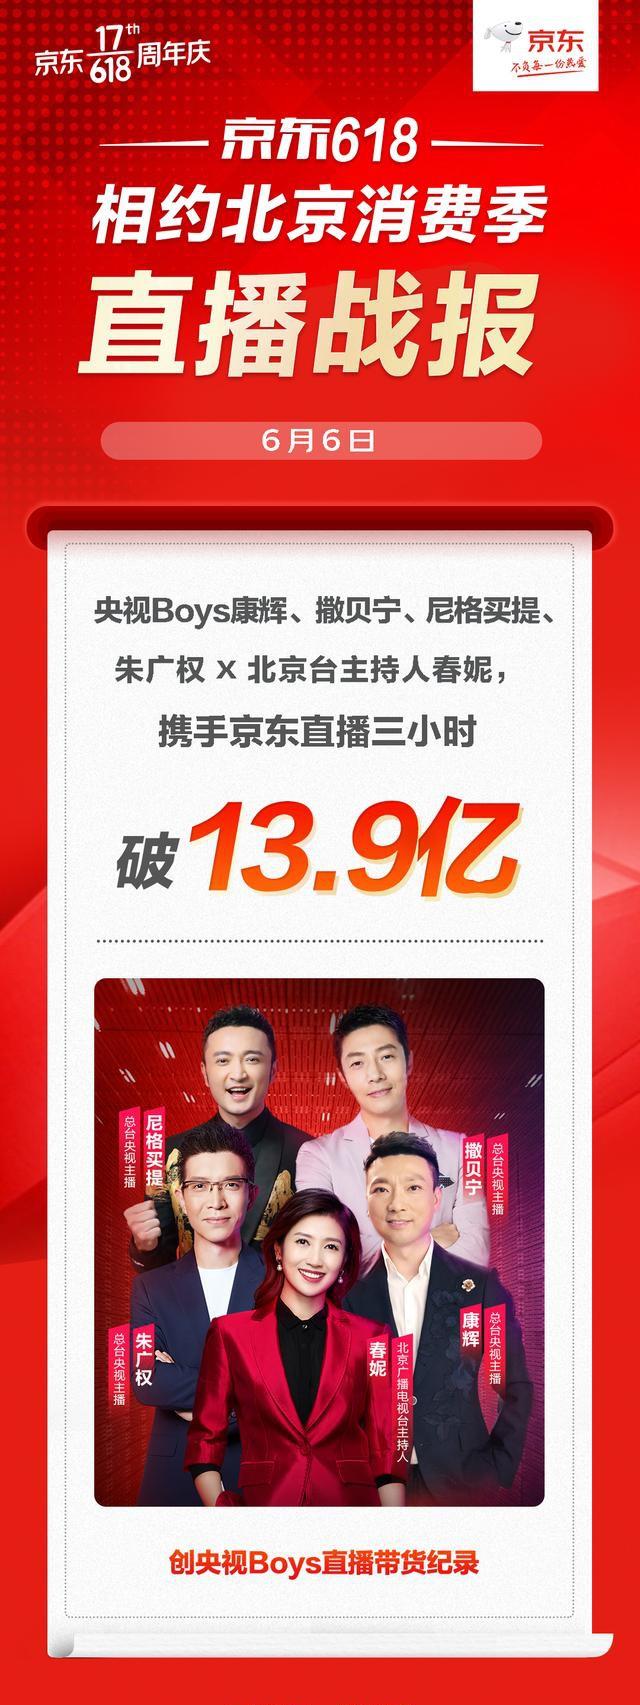 央视Boys合体携手京东直播3小时破13.9亿元,京东618精彩延续